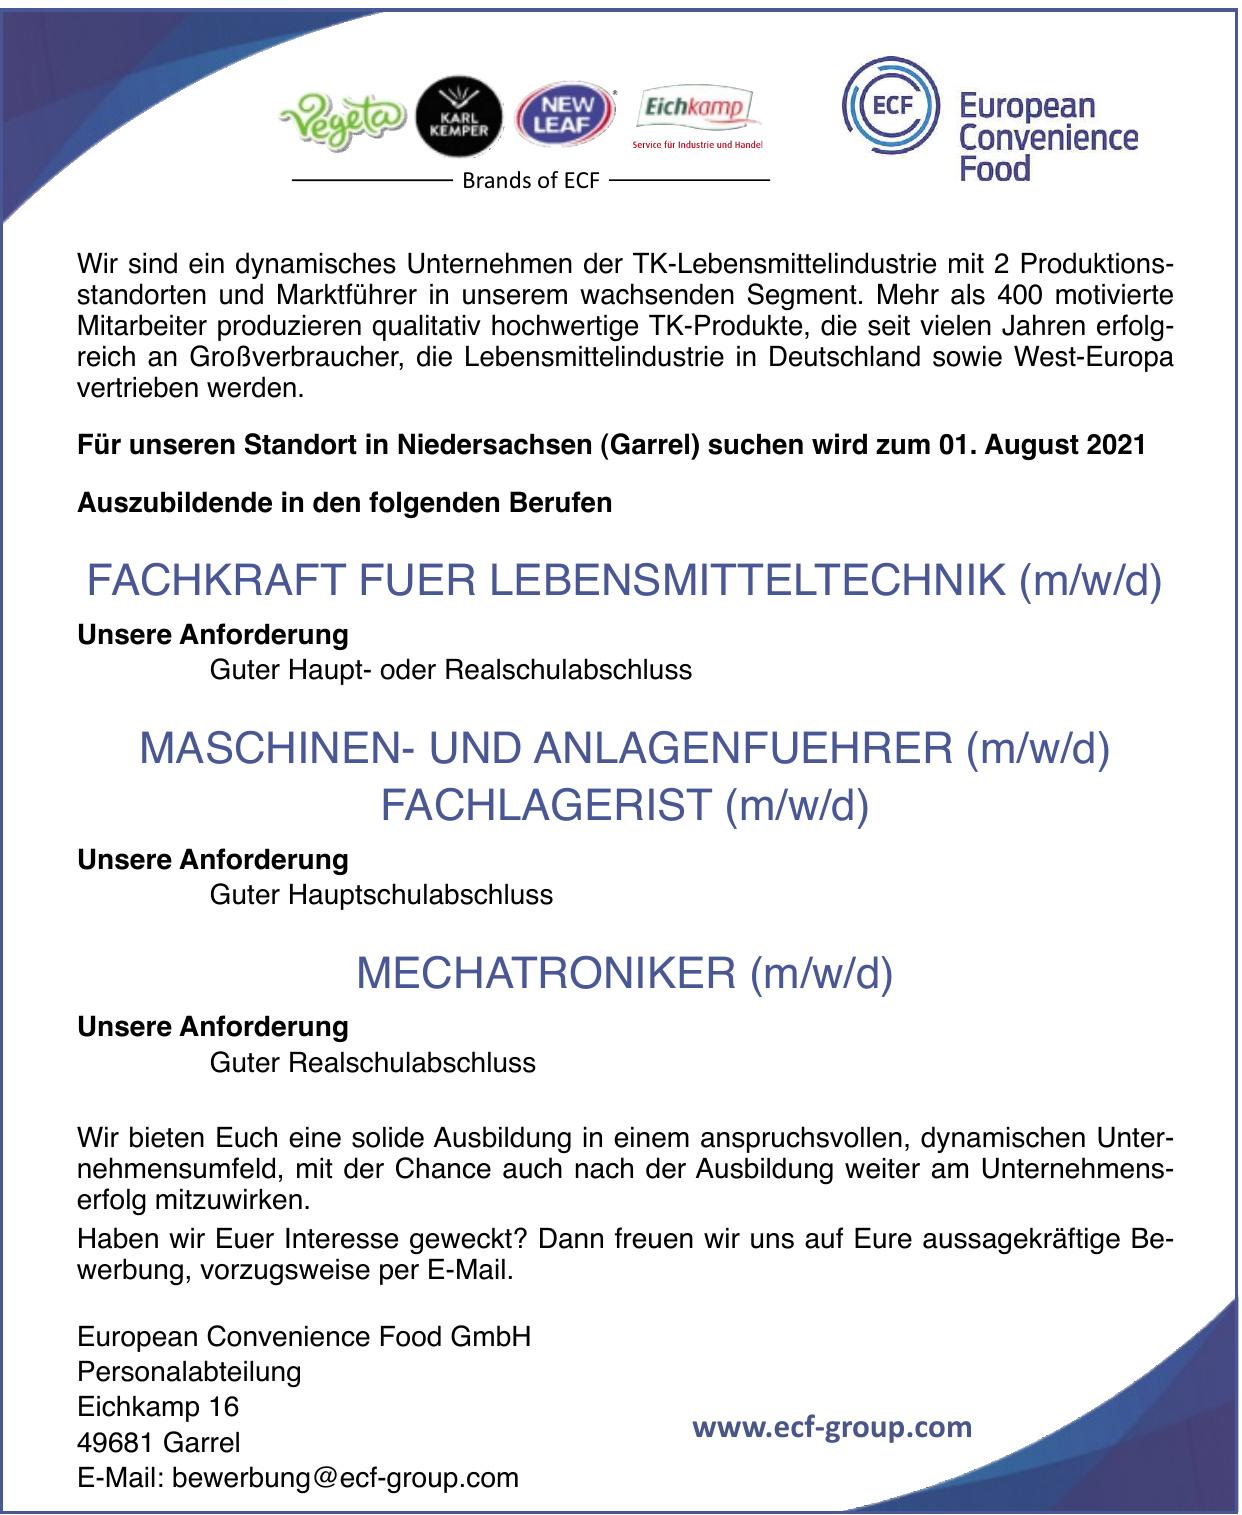 European Convenience Food GmbH